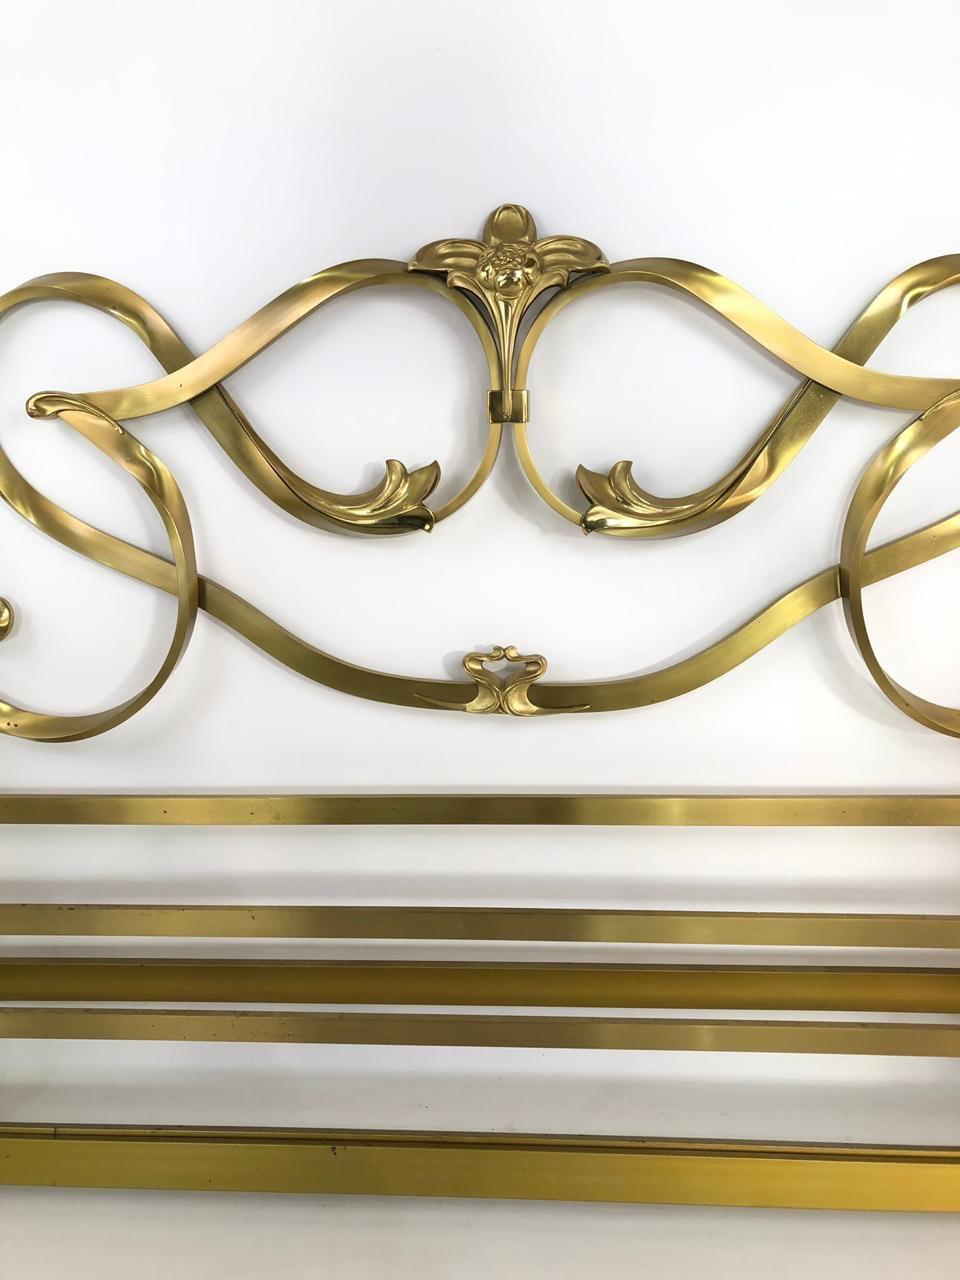 Винтажная кровать из бронзы в стиле Ар-Нуво